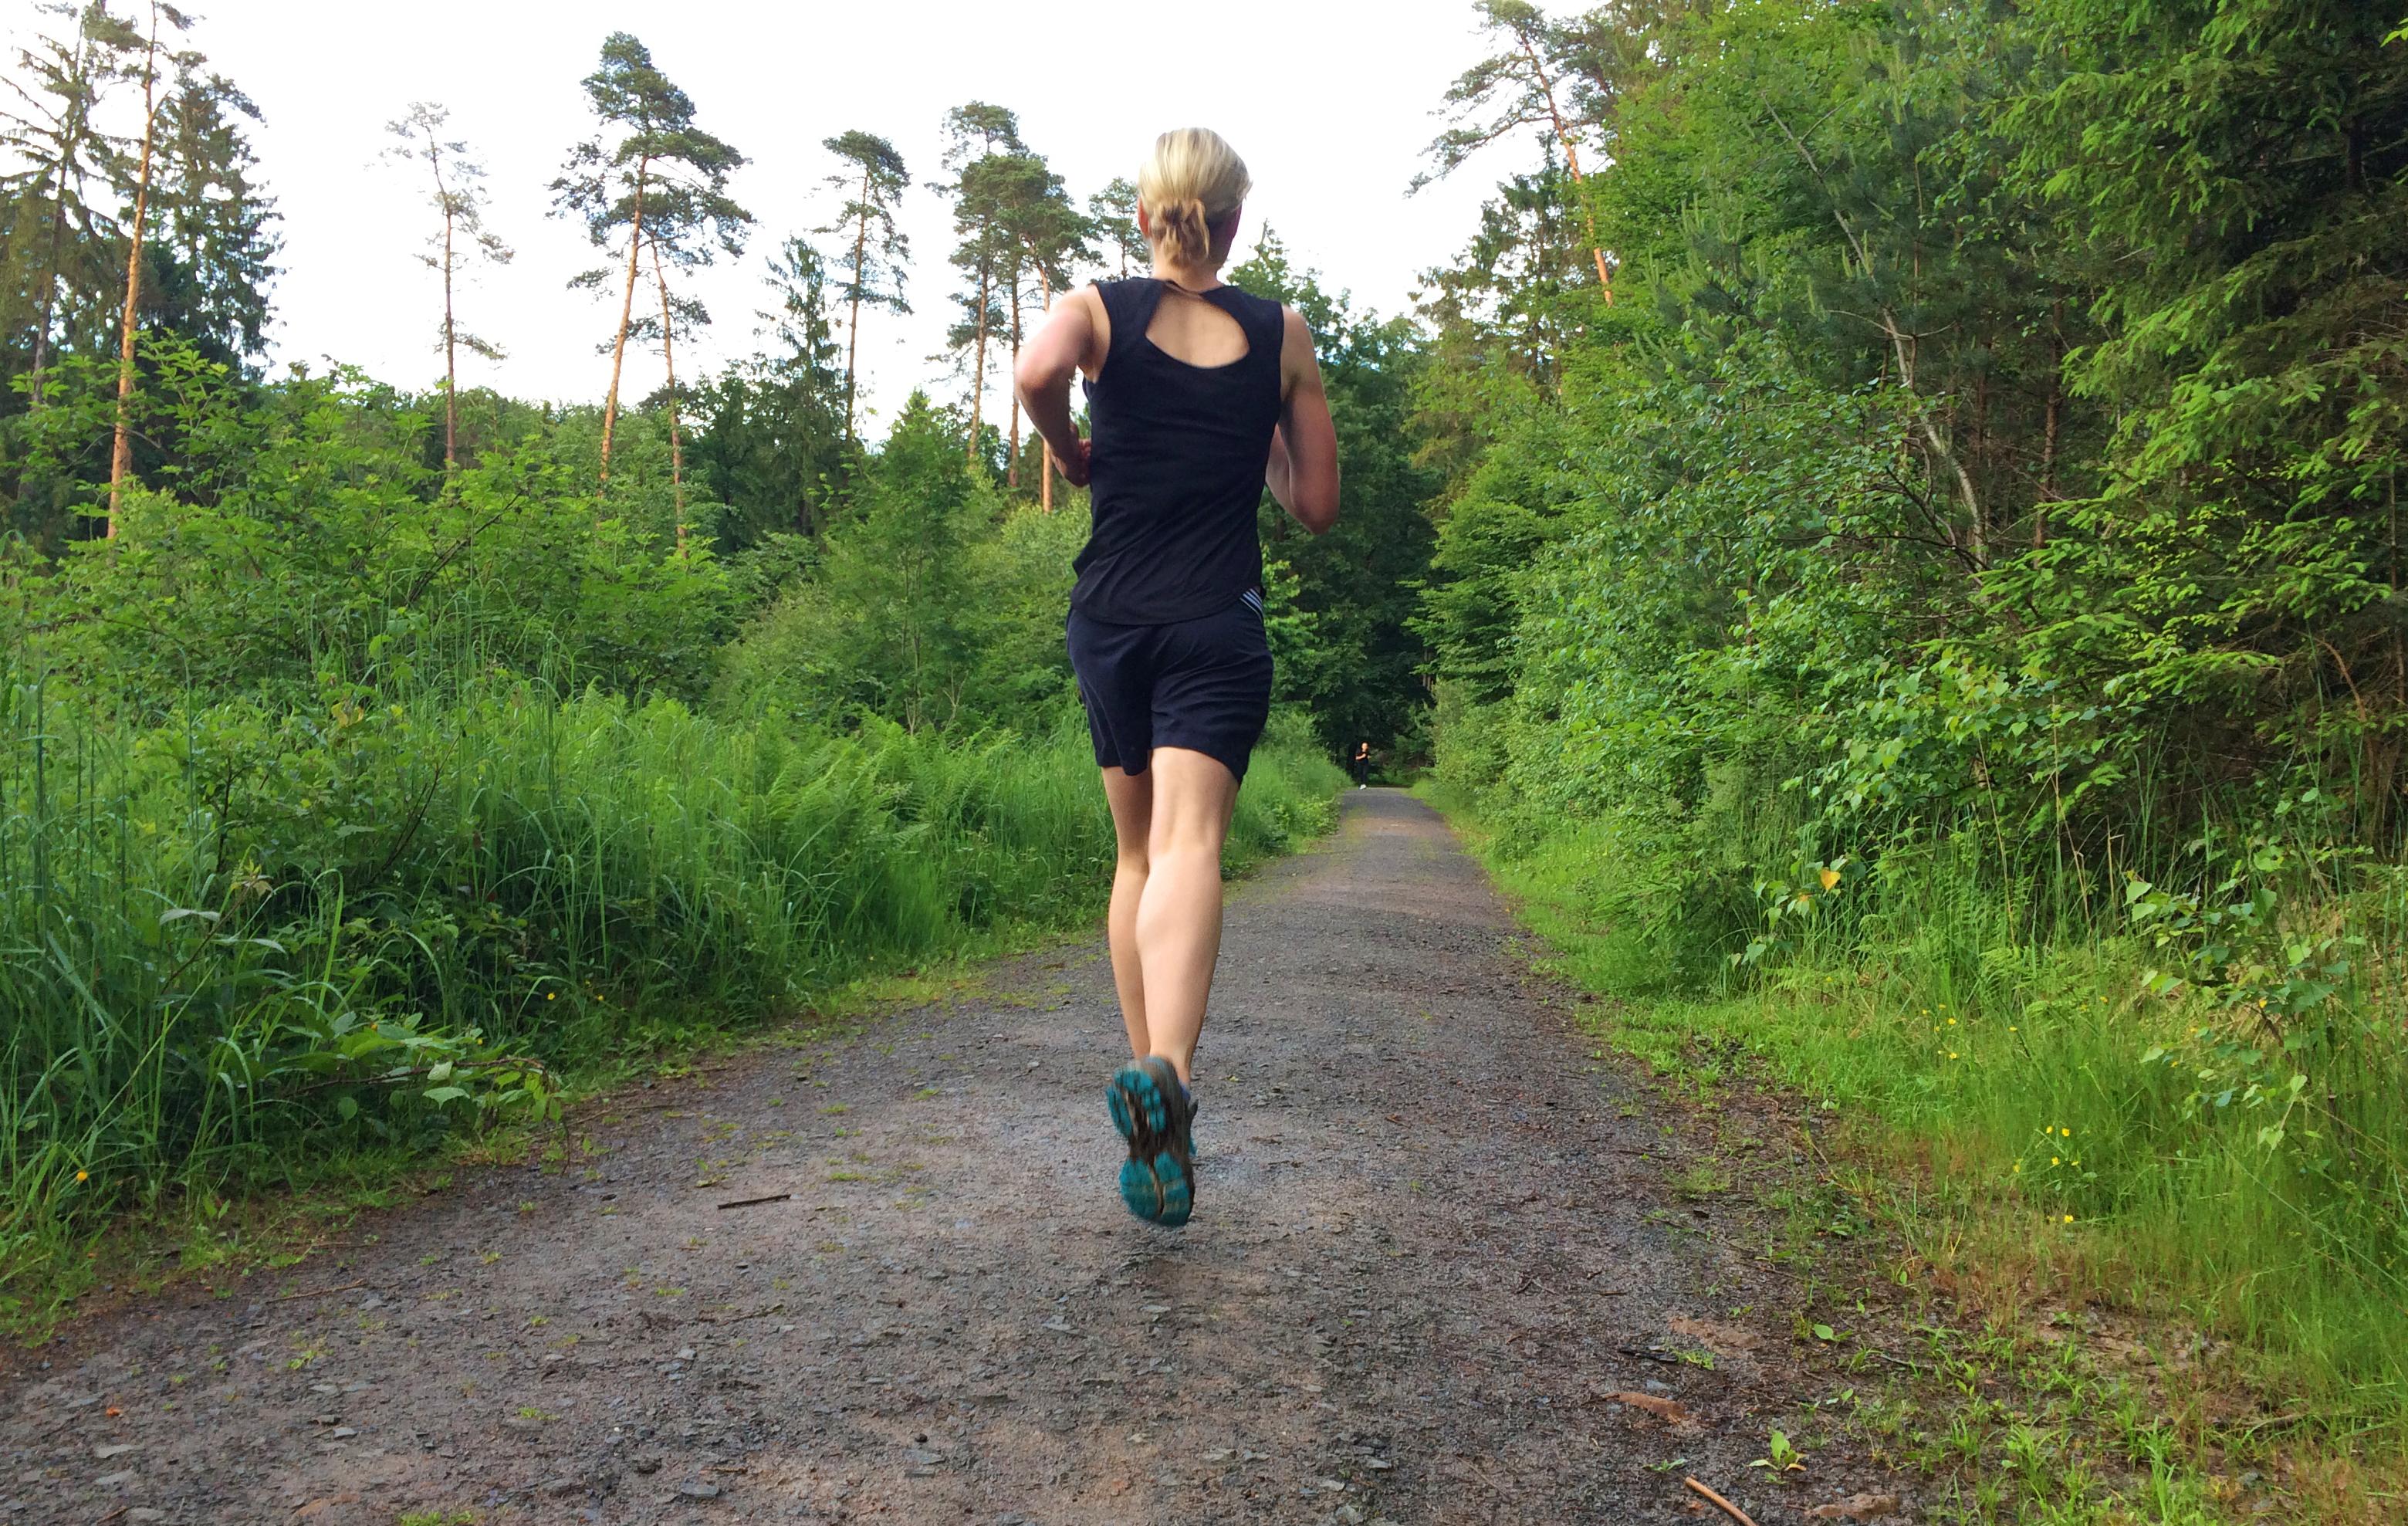 11 Laufstrecken in Marburg, die du kennen solltest!